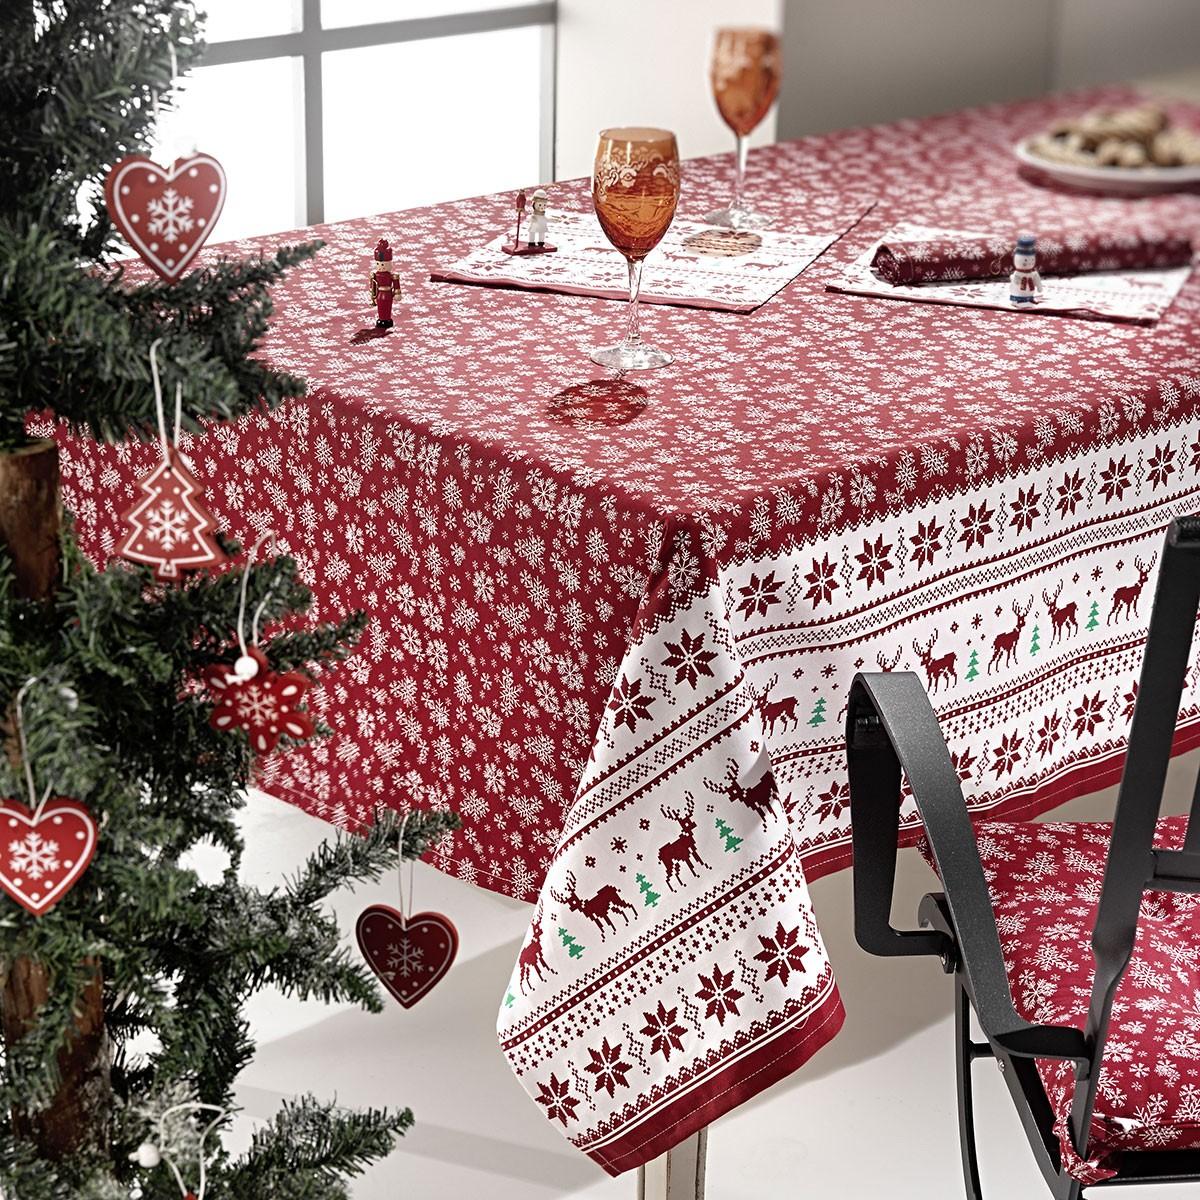 Χριστουγεννιάτικο Τραπεζομάντηλο (150x220) Nima Rudolph